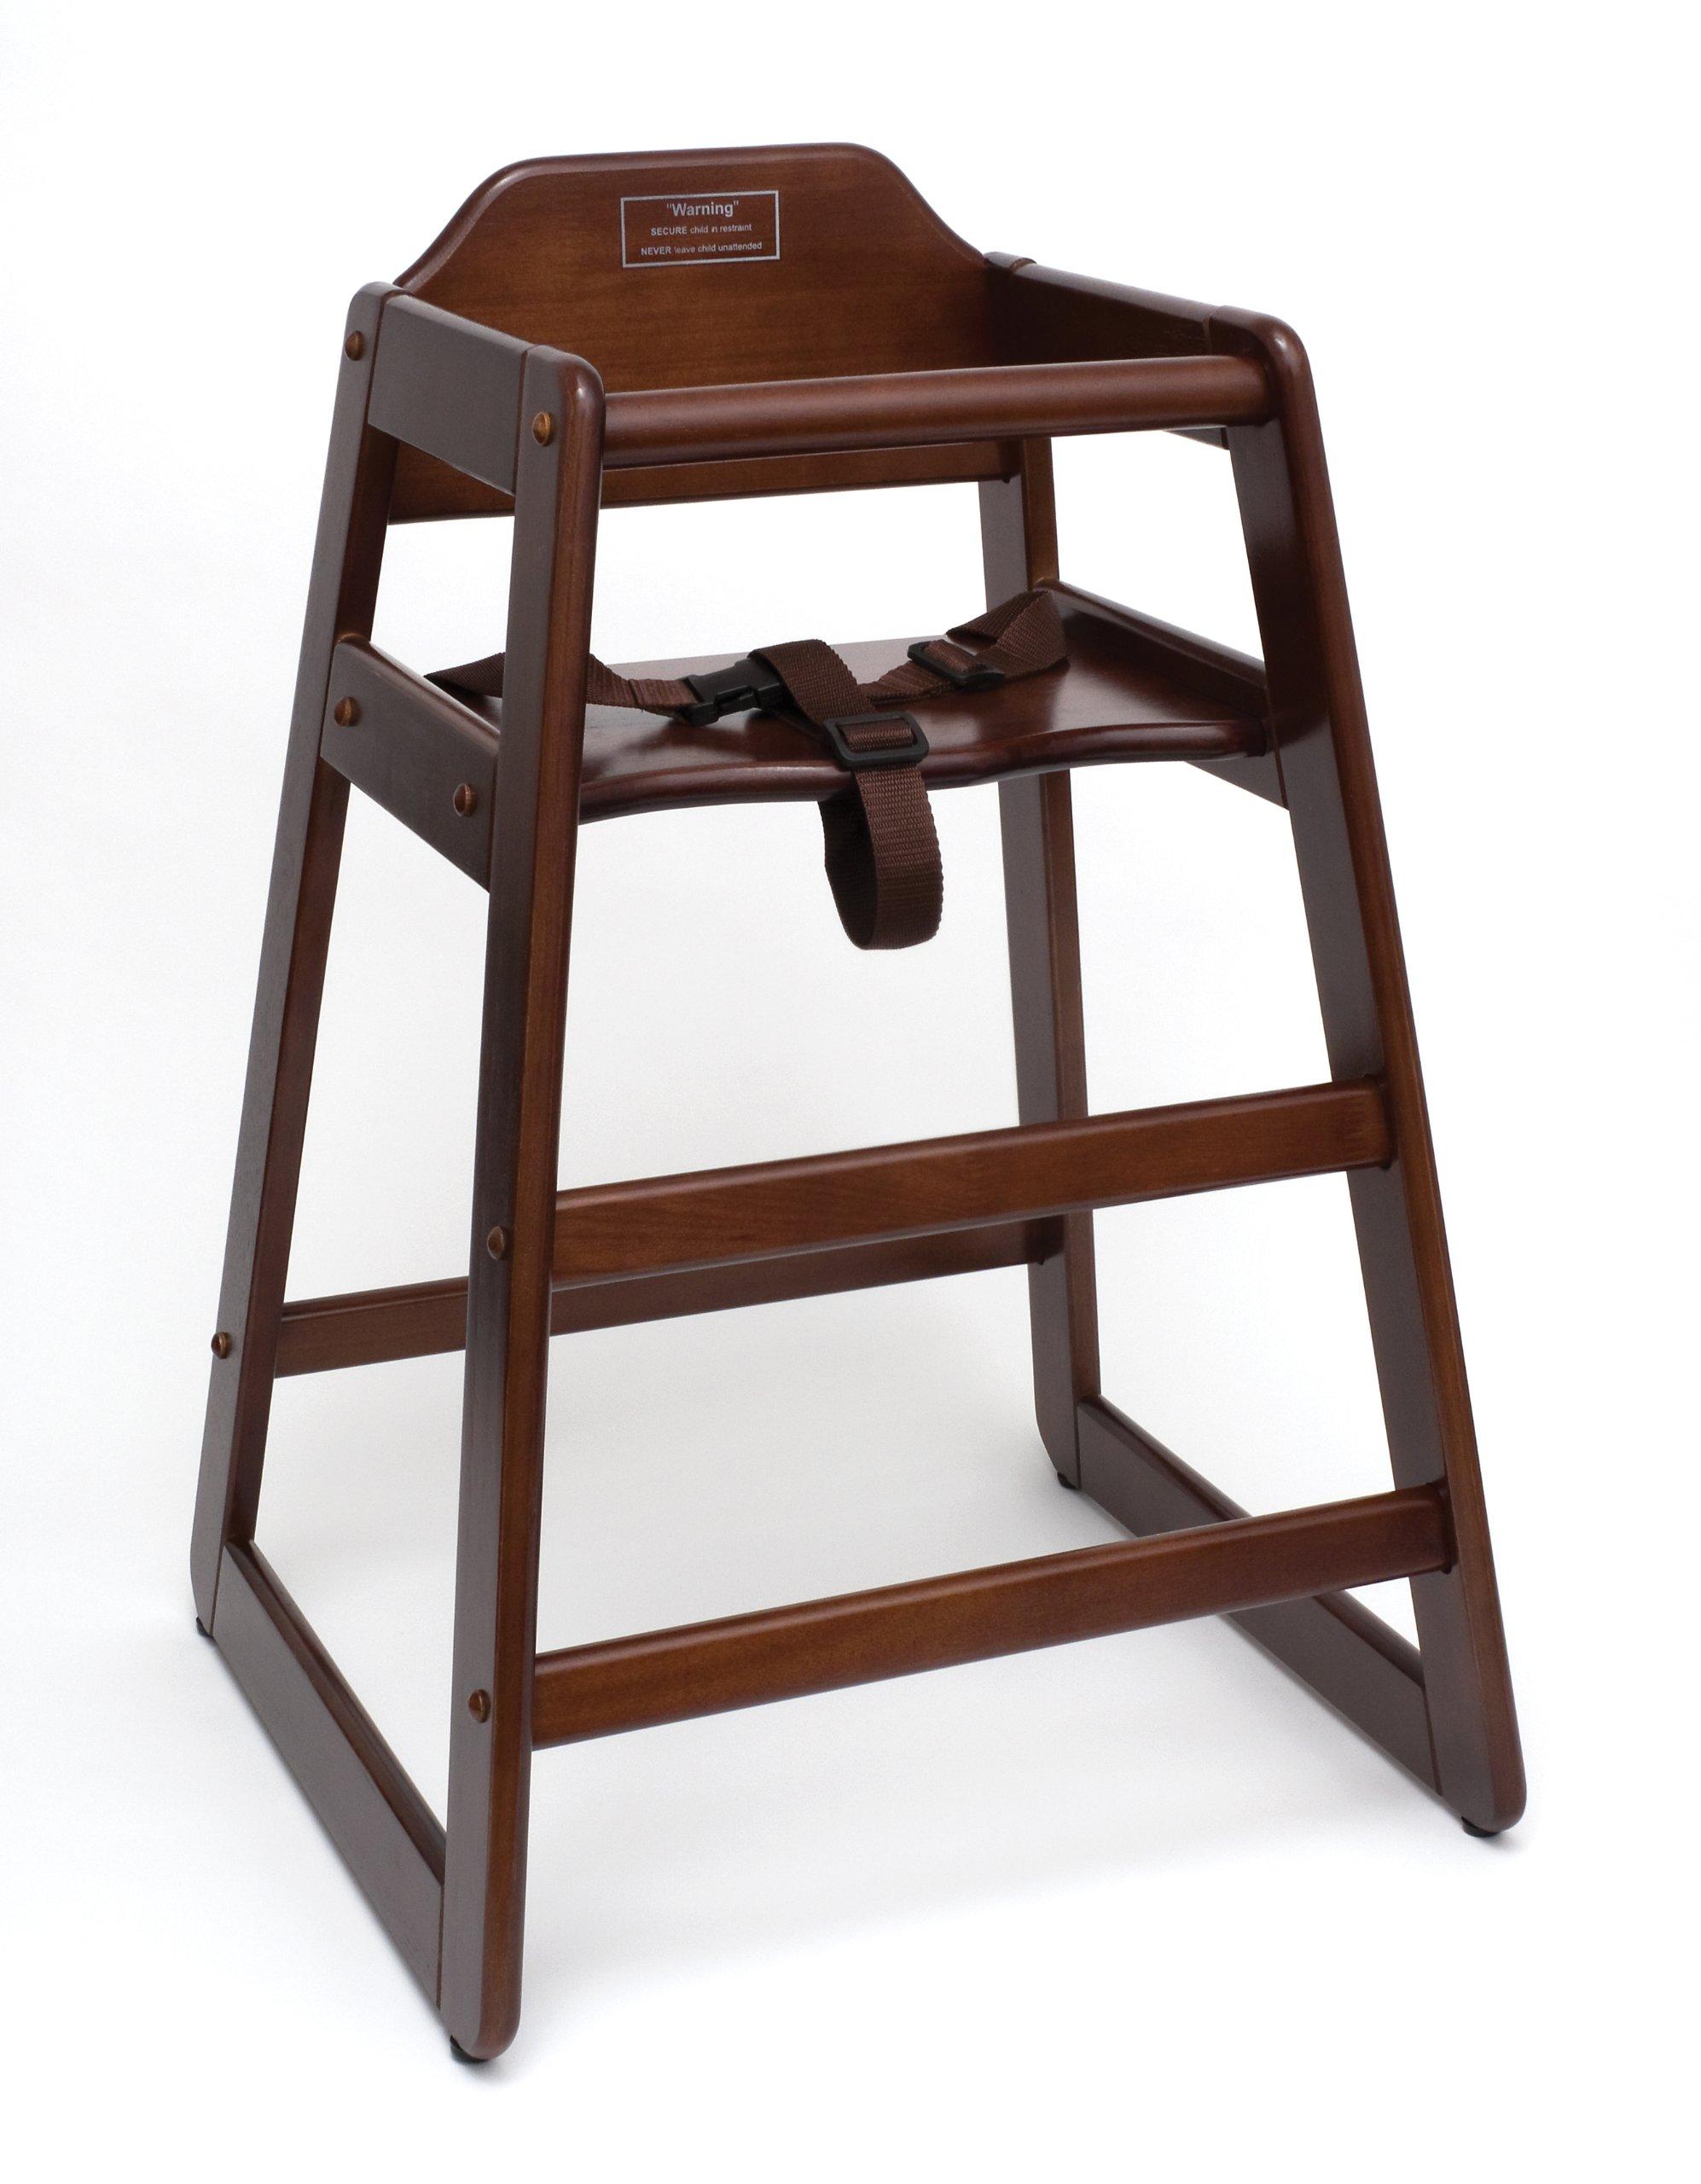 Lipper International 516WN Child's High Chair, 20'' W x 19.75'' D x 28.75'' H, Walnut Finish